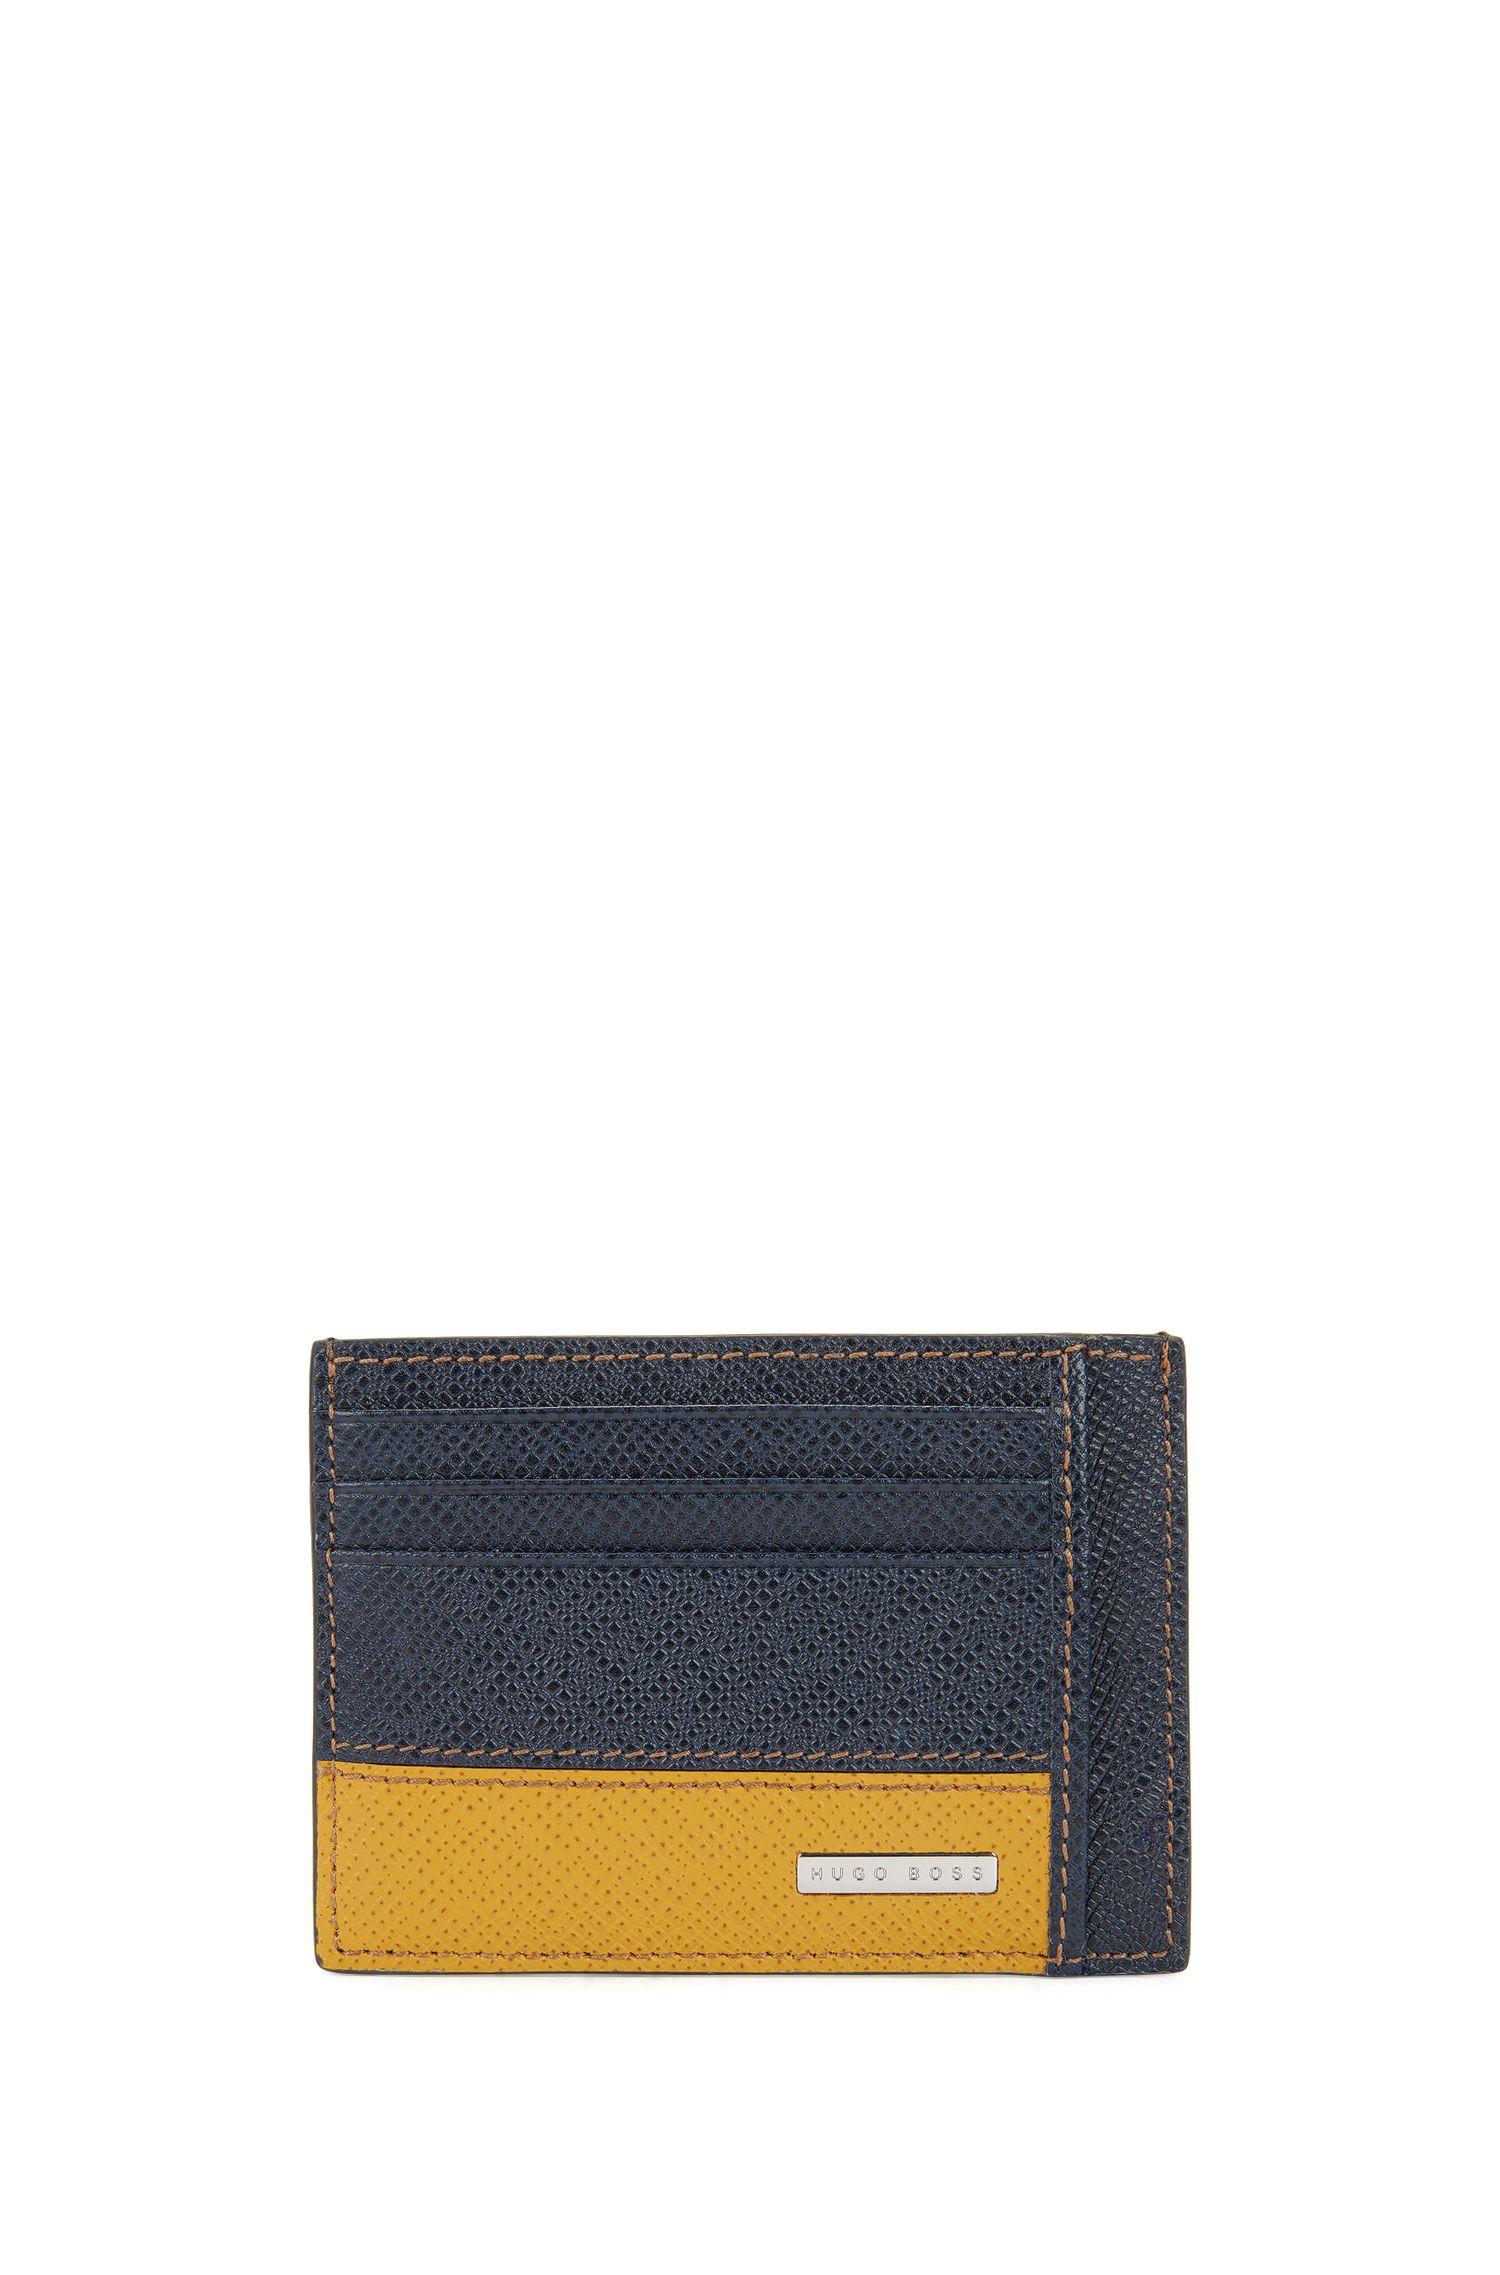 Porte-cartes de la collection Signature, en cuir palmellato color block